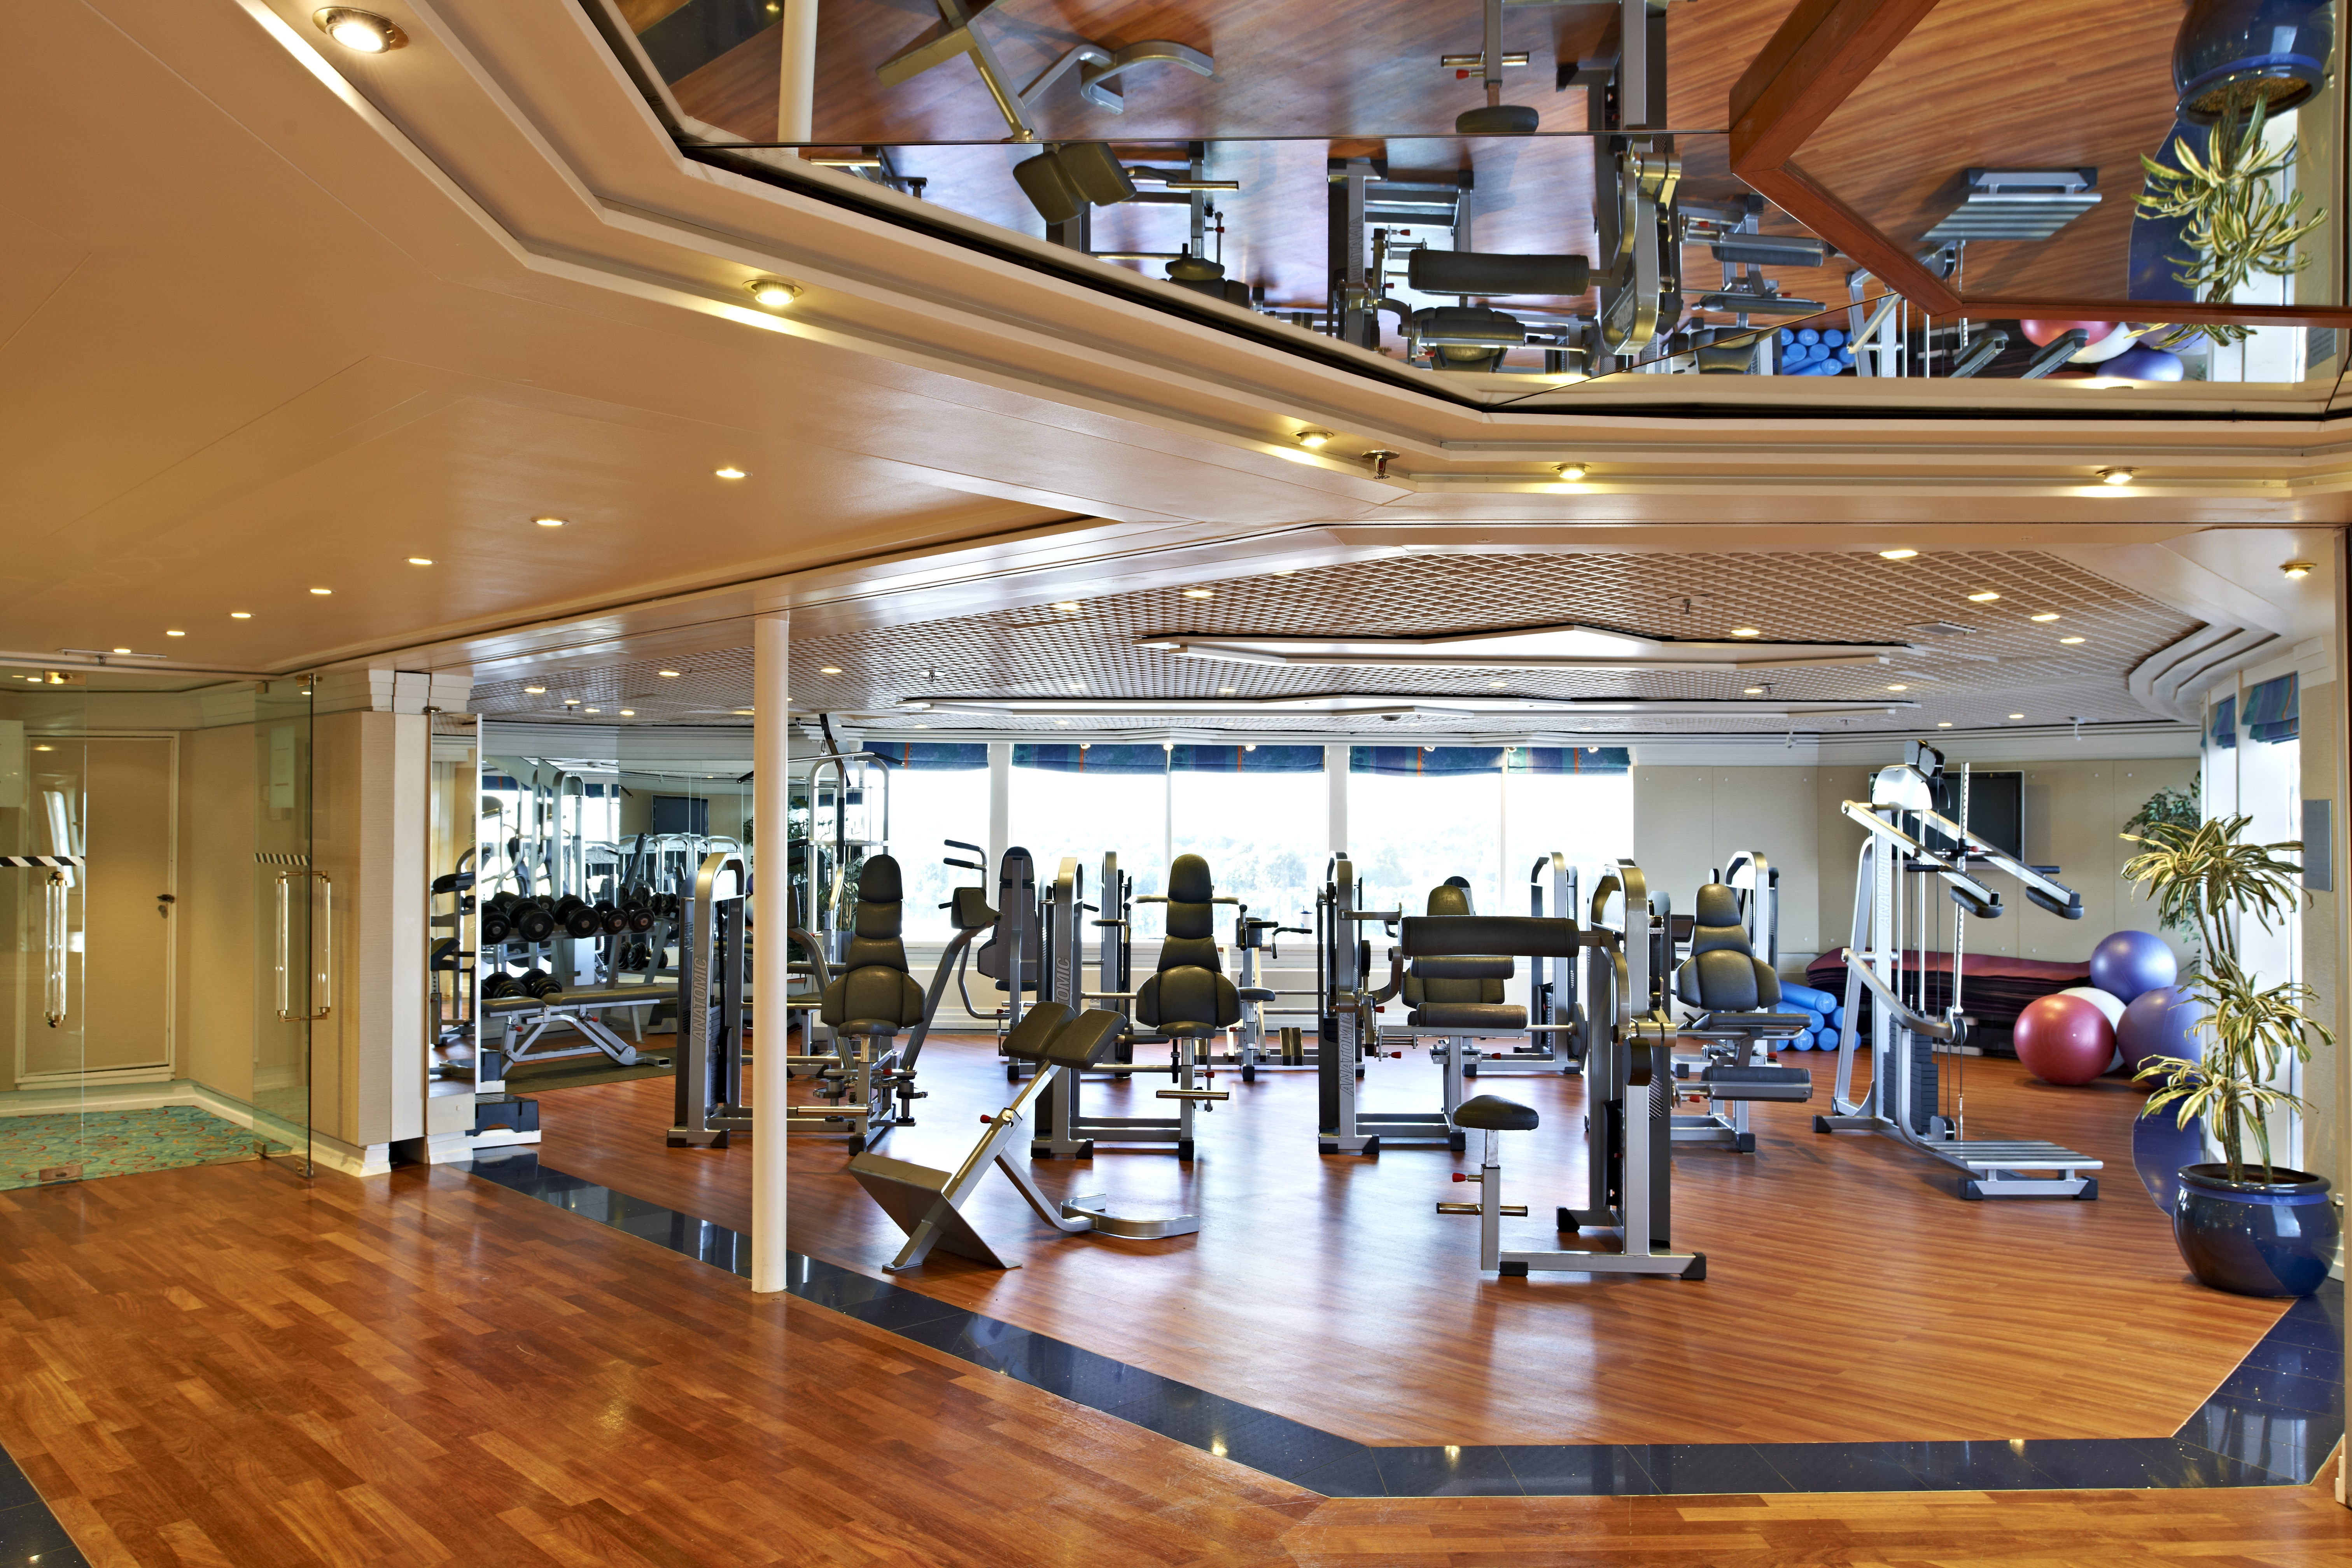 fred olsen cruise lines braemar fitness centre 2014.jpg